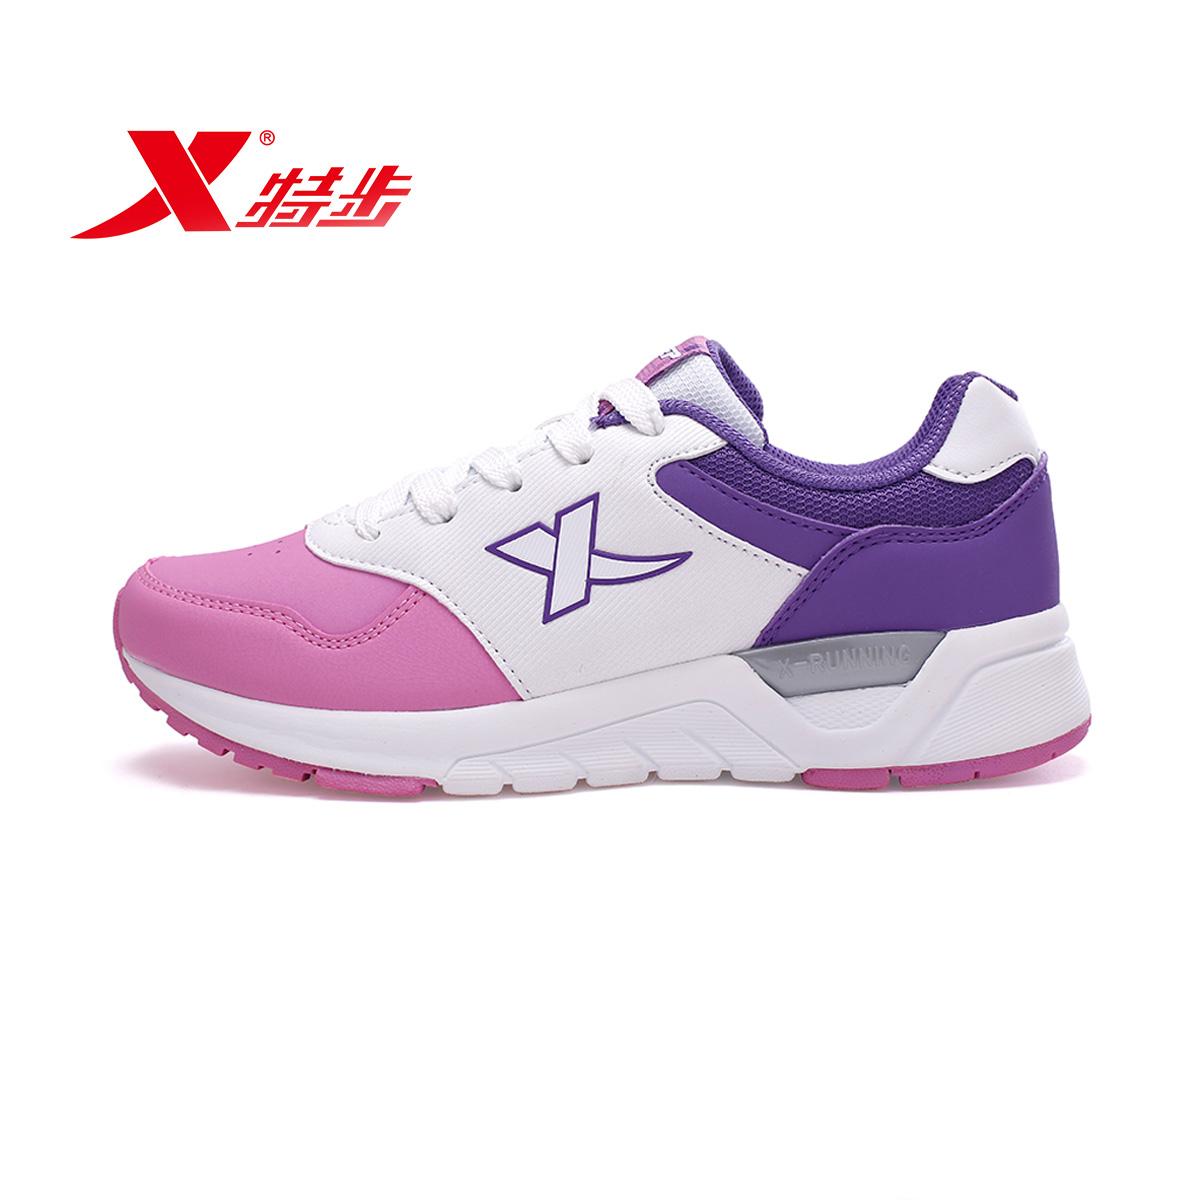 特步女鞋运动鞋女2015新款夏季正品女式�n版跑步鞋旅游